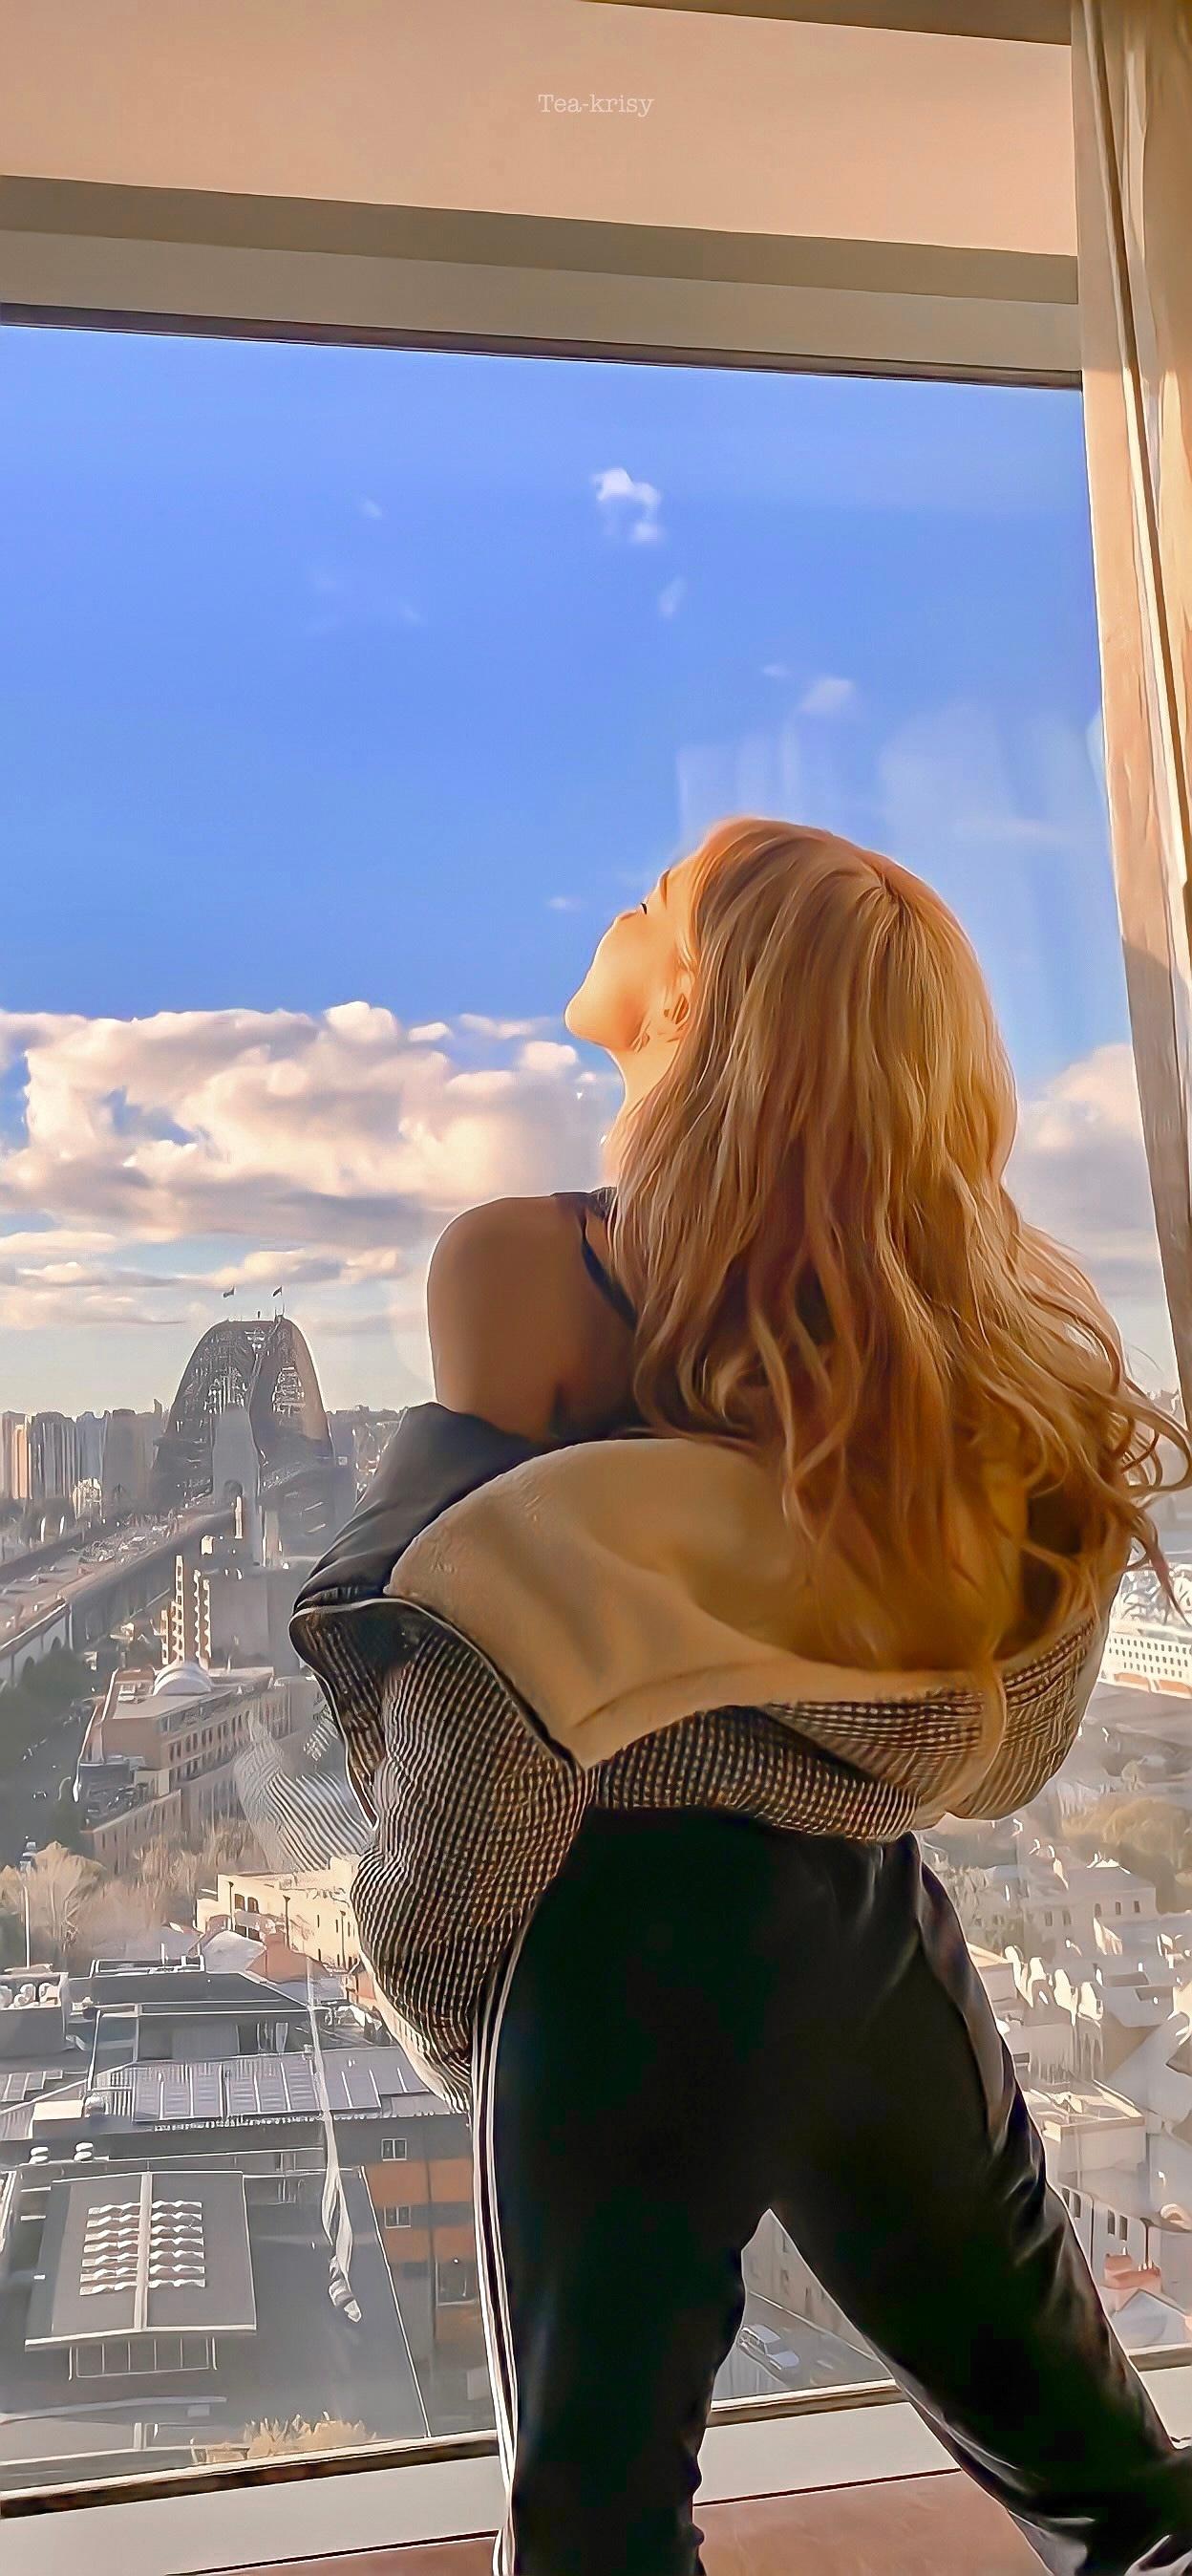 韩国妹子 Rosé 朴彩英 性感日常美图欣赏-觅爱图